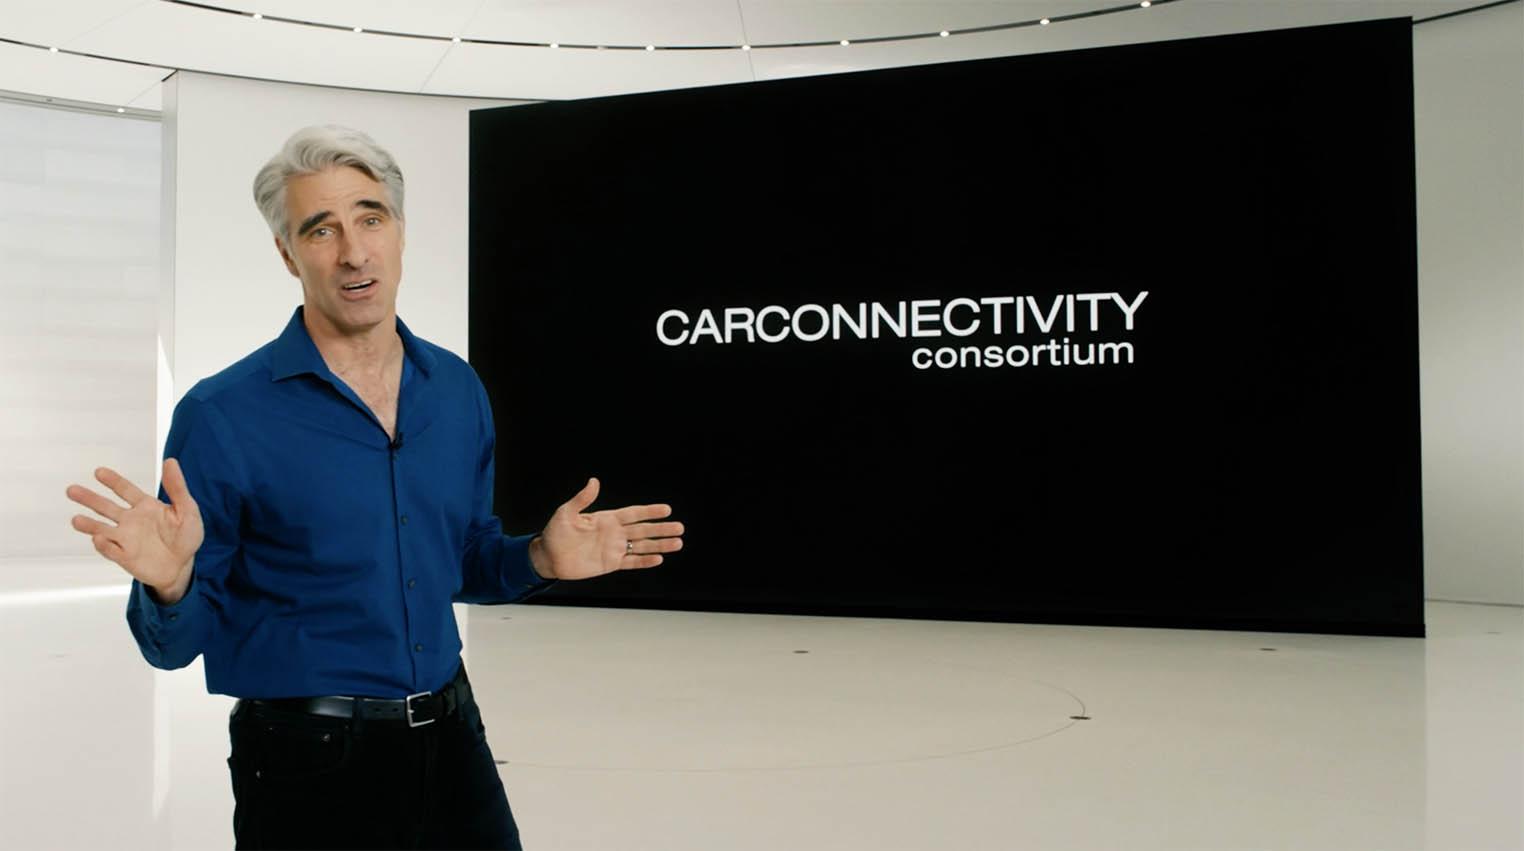 Car Connectivity Consortium Craig Federighi